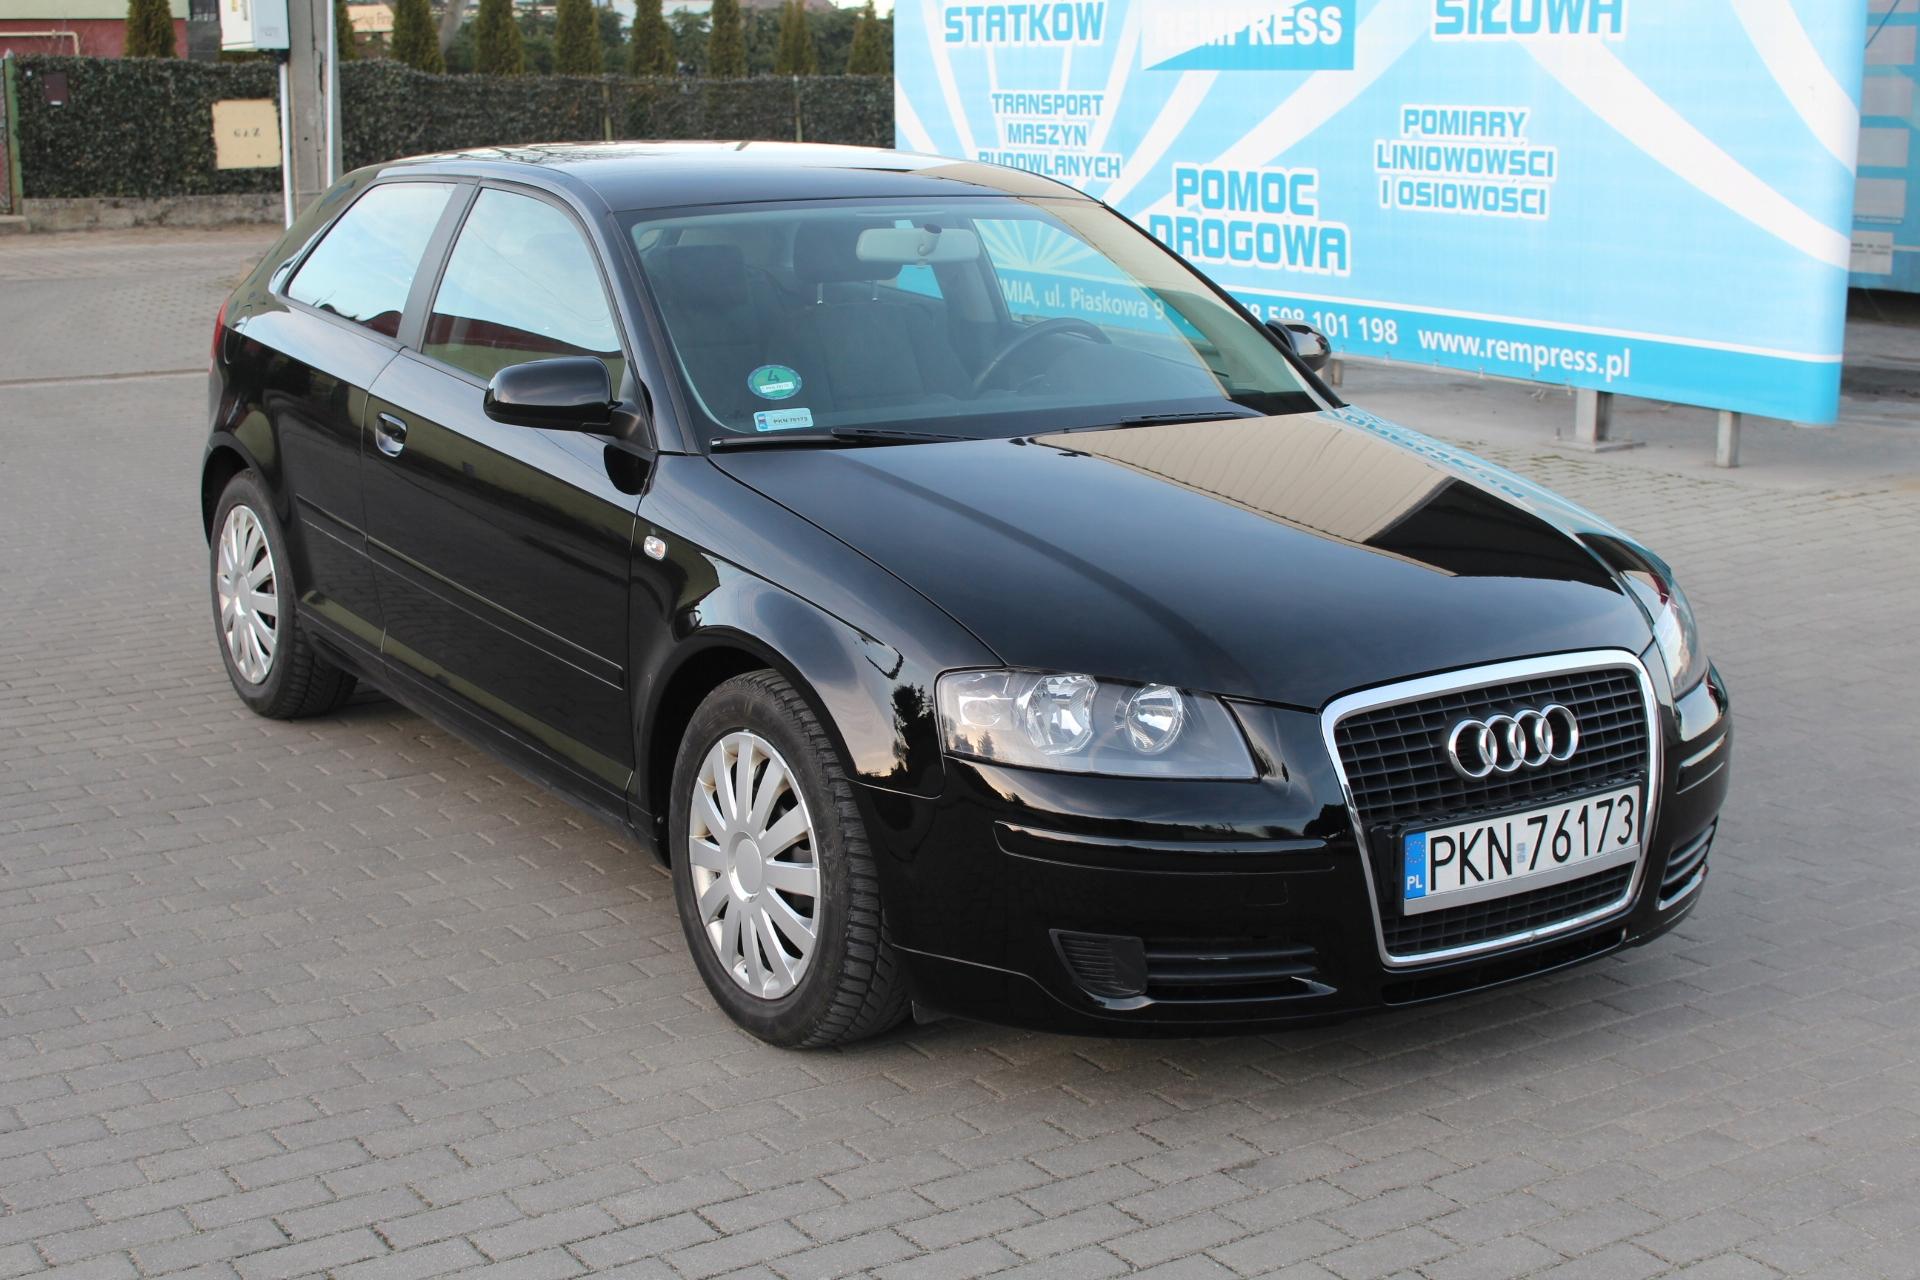 Audi A3 2005r. 2,0 TDI Stan Bardzo Dobry Zamiana